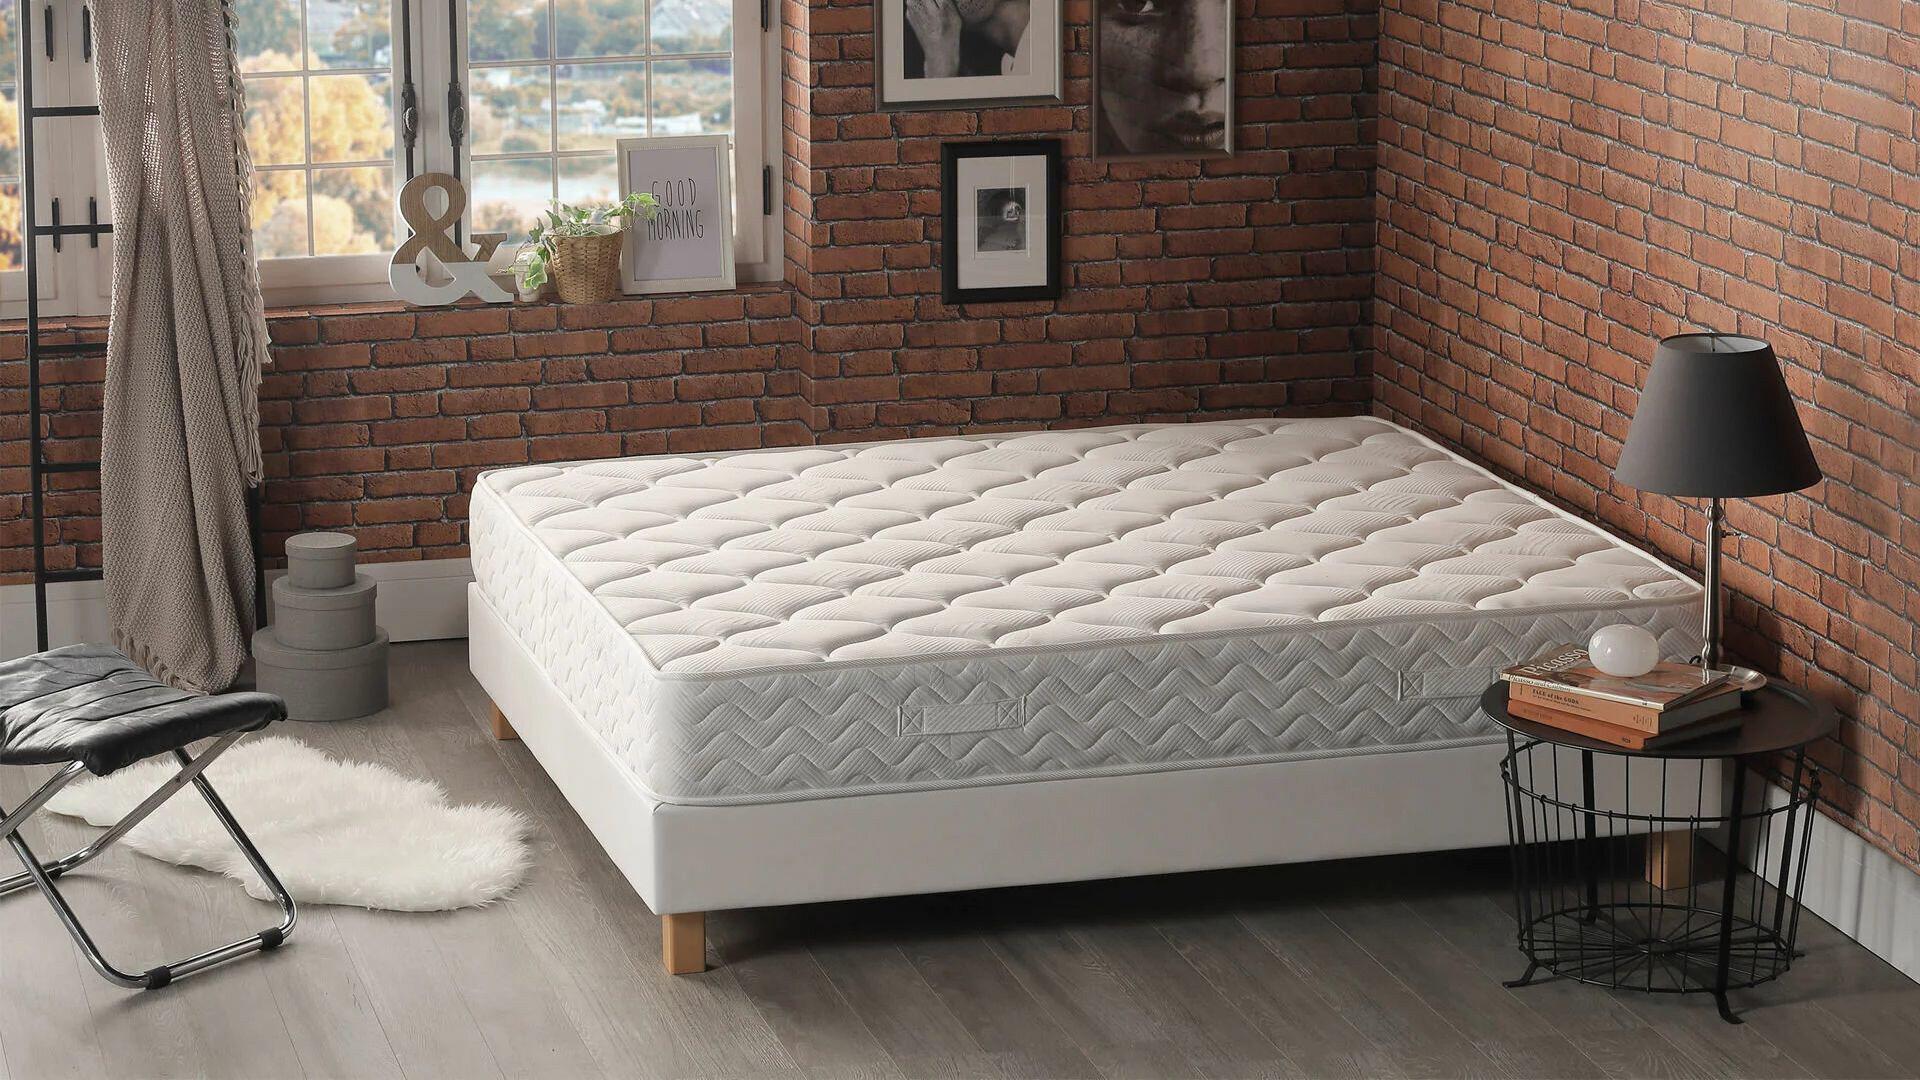 Life Pedic Bed